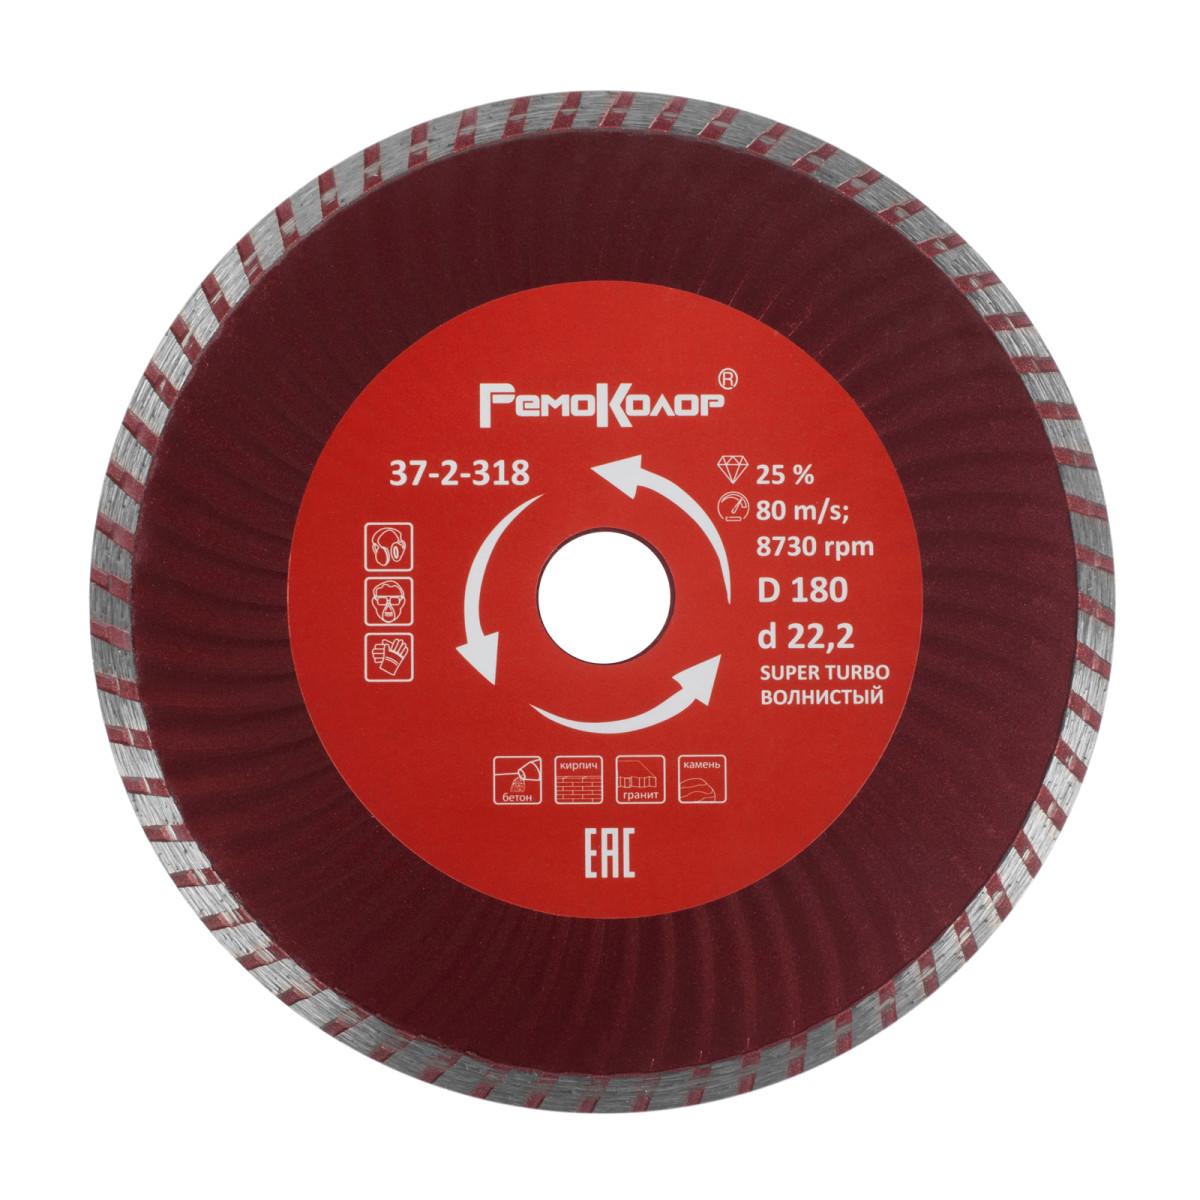 Диск Алмазный Ремоколор Турбо 180Х222 37-2-318